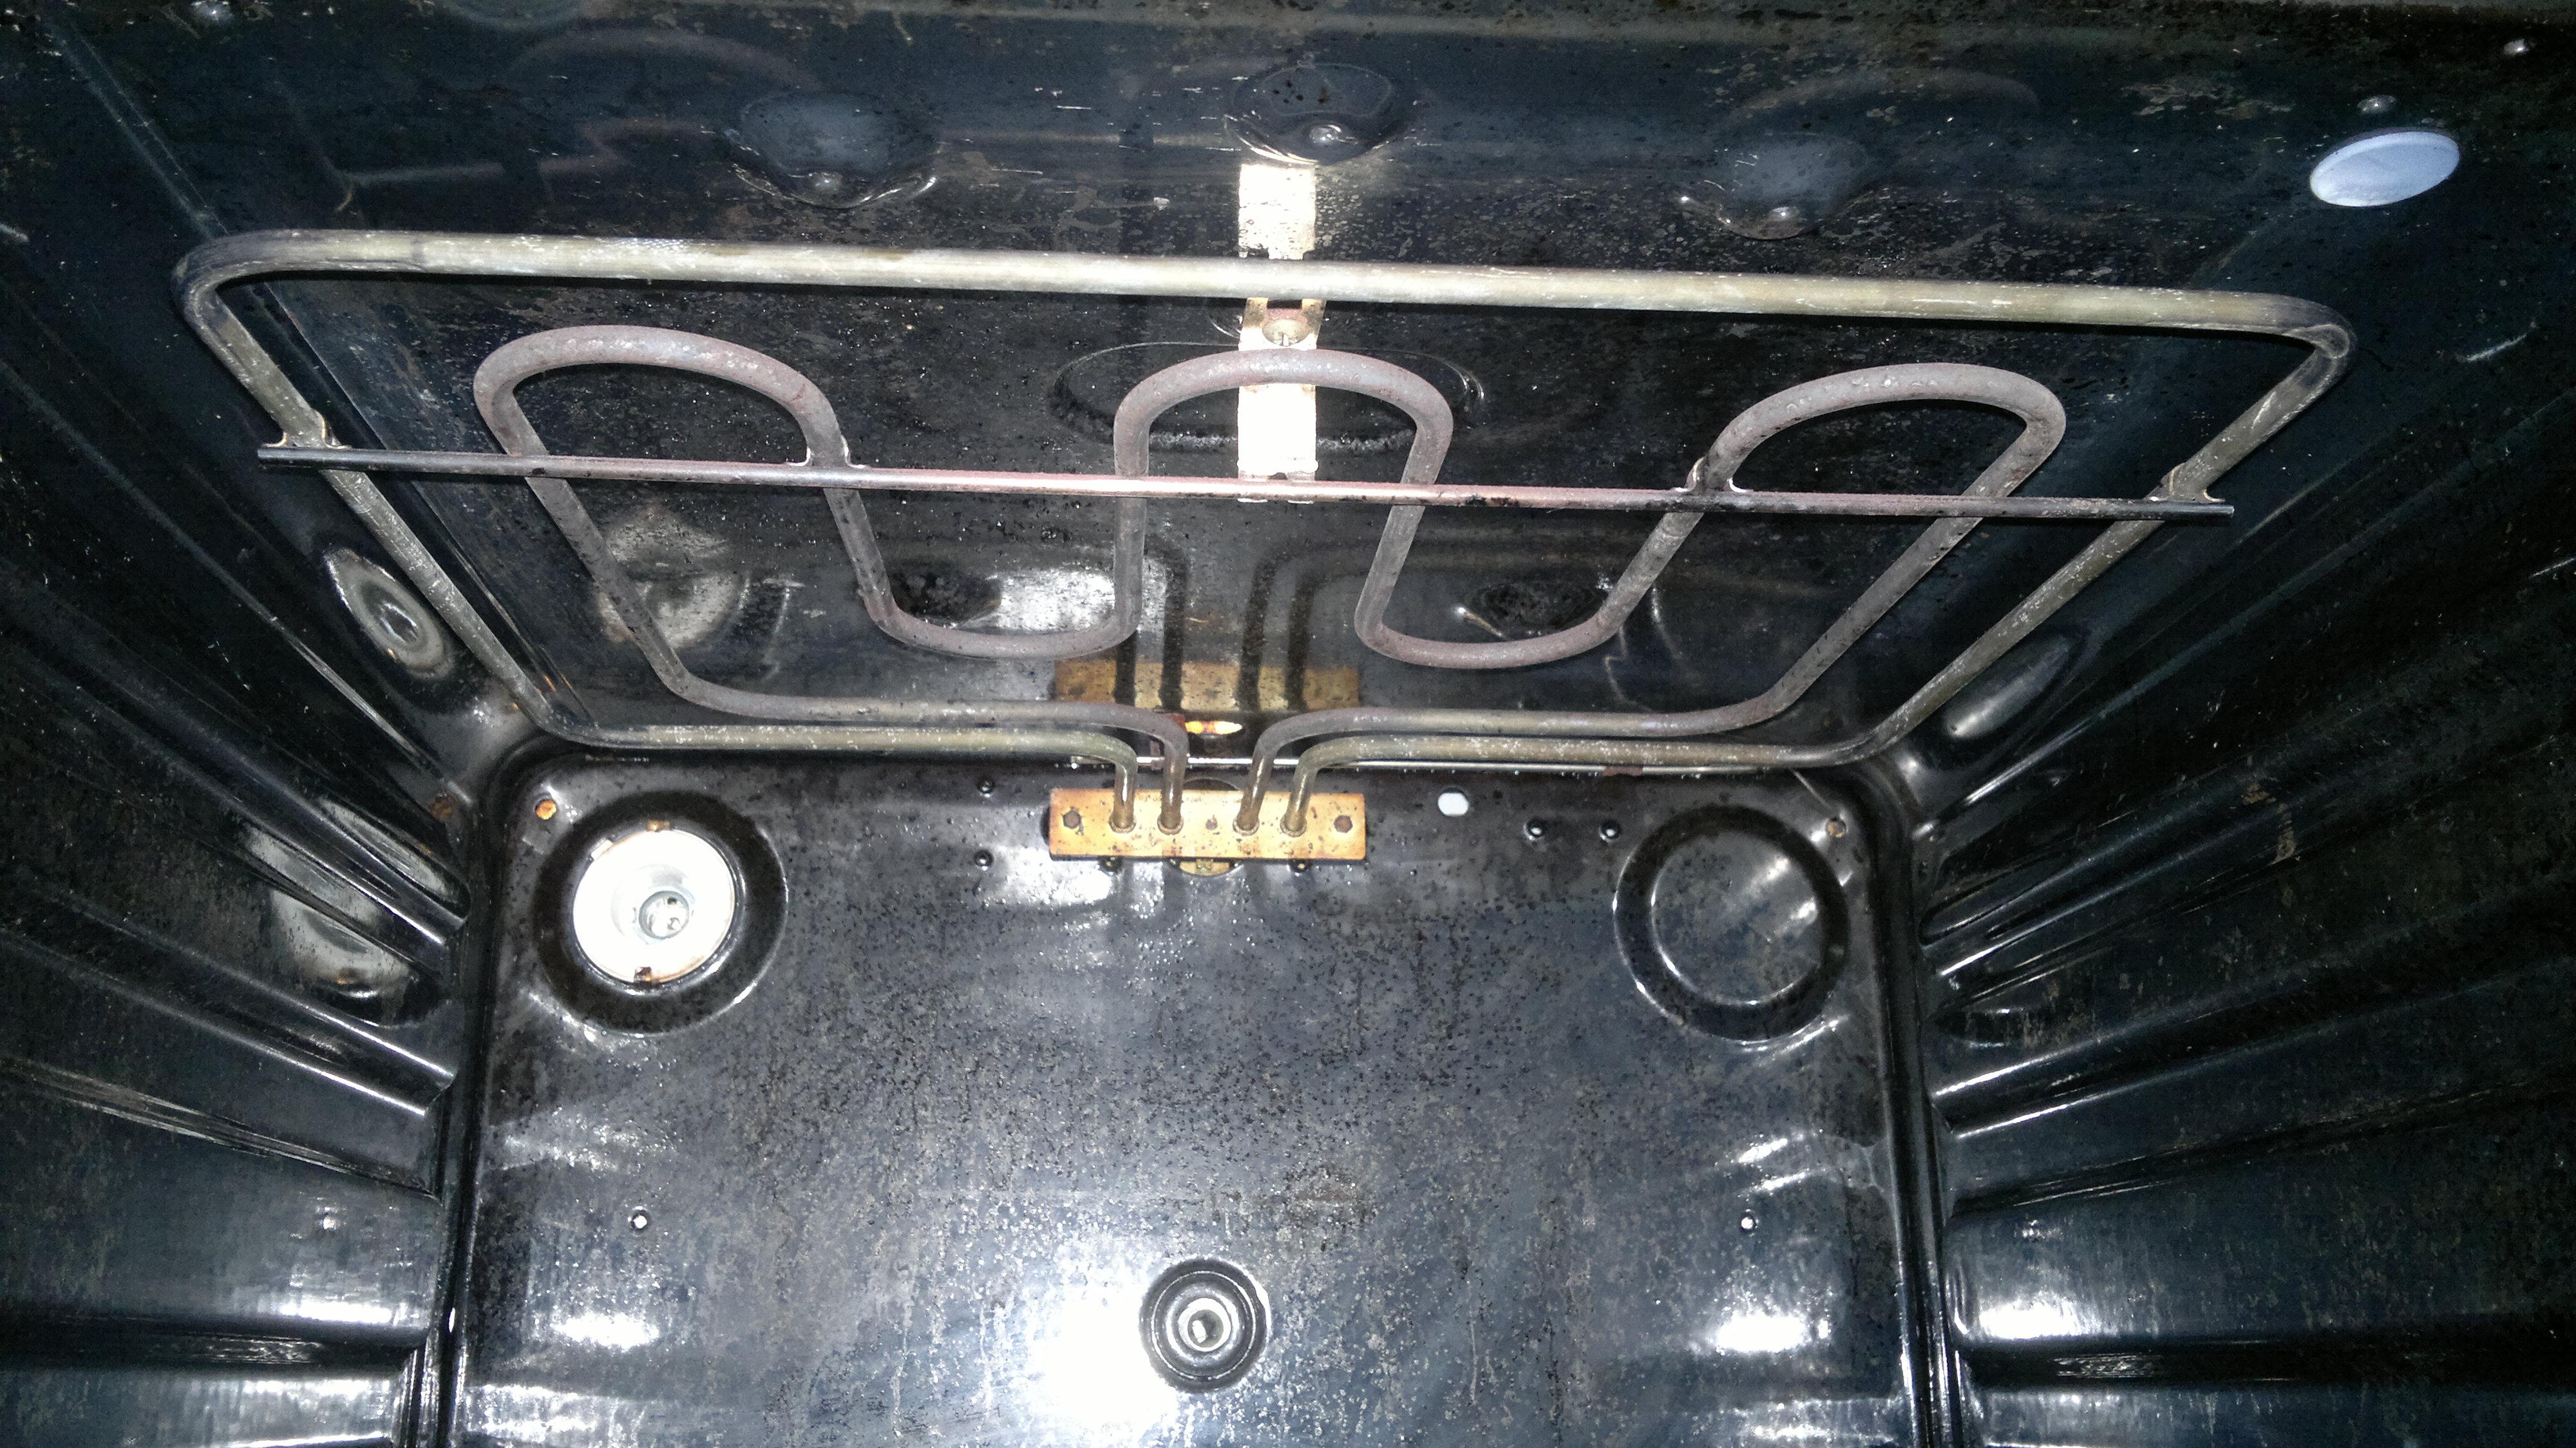 ARDO kuchnia gaz el  nie grzeje piekarnik na max, ale   -> Kuchnia Elektryczna Nie Grzeje